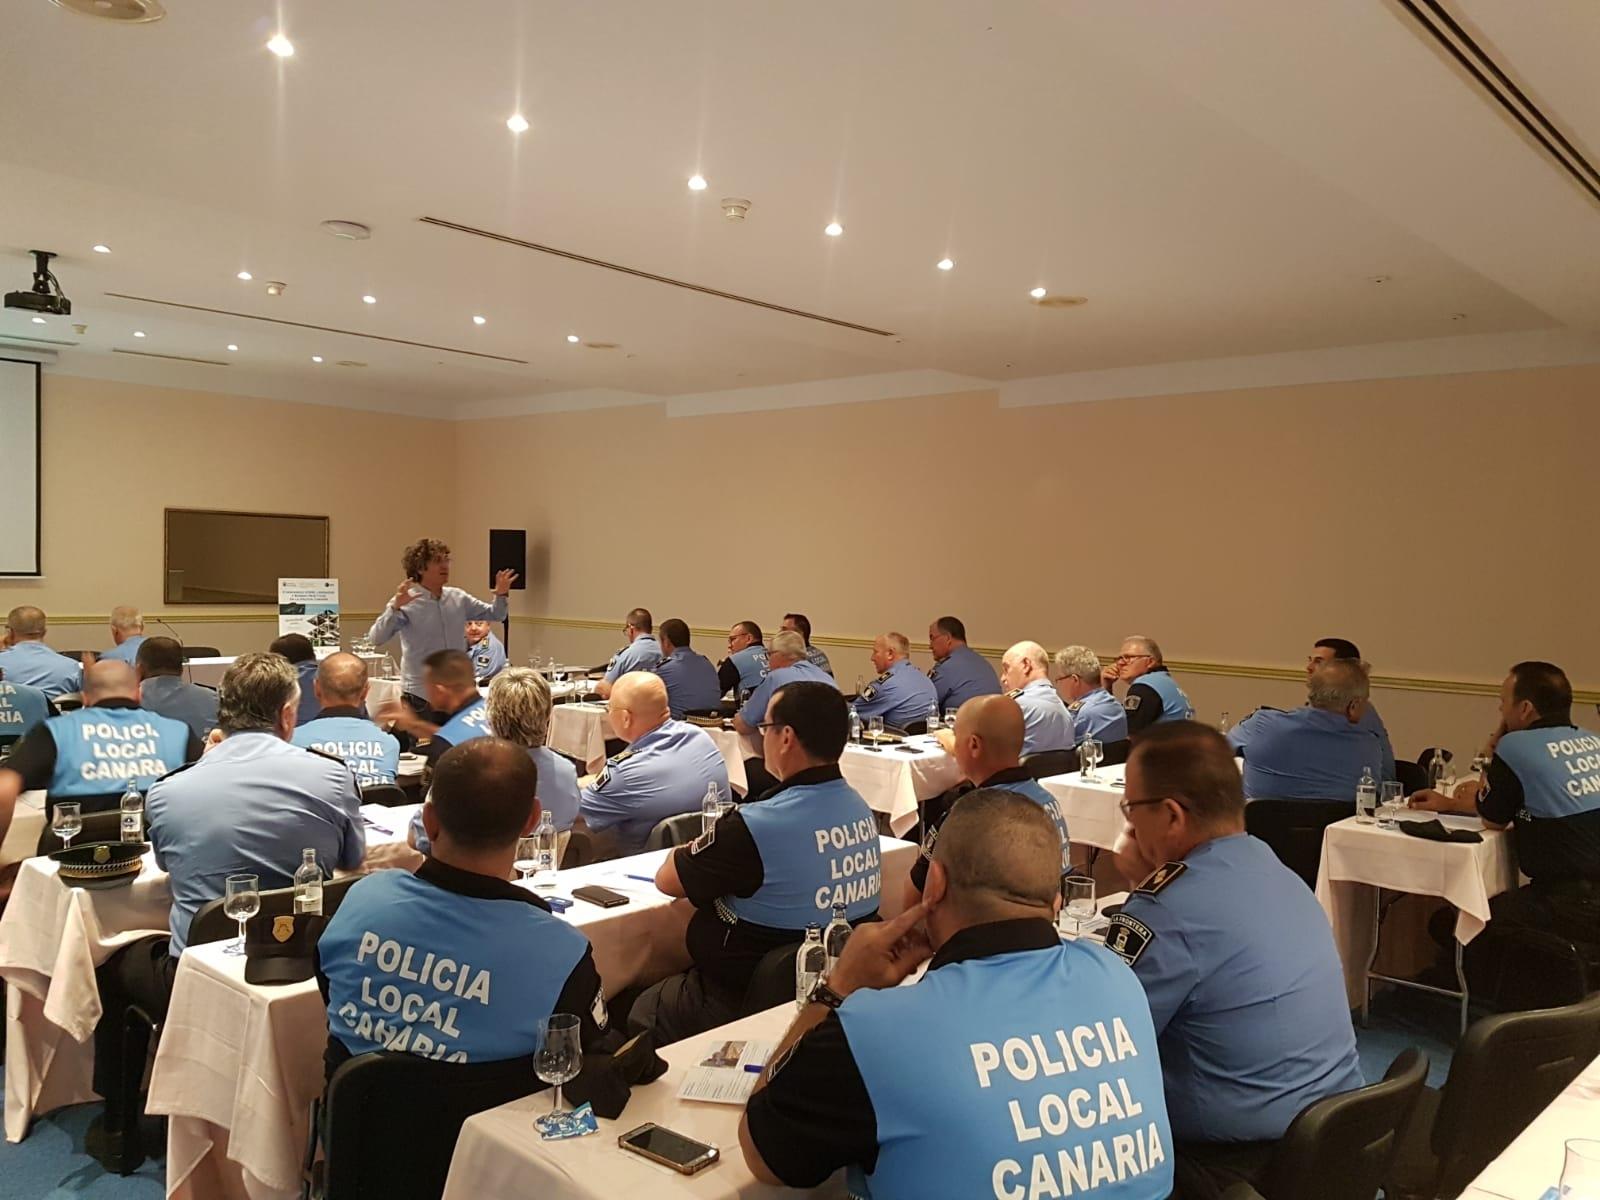 Política Territorial forma a 70 jefes y mandos policiales de Canarias sobre el liderazgo y buenas prácticas